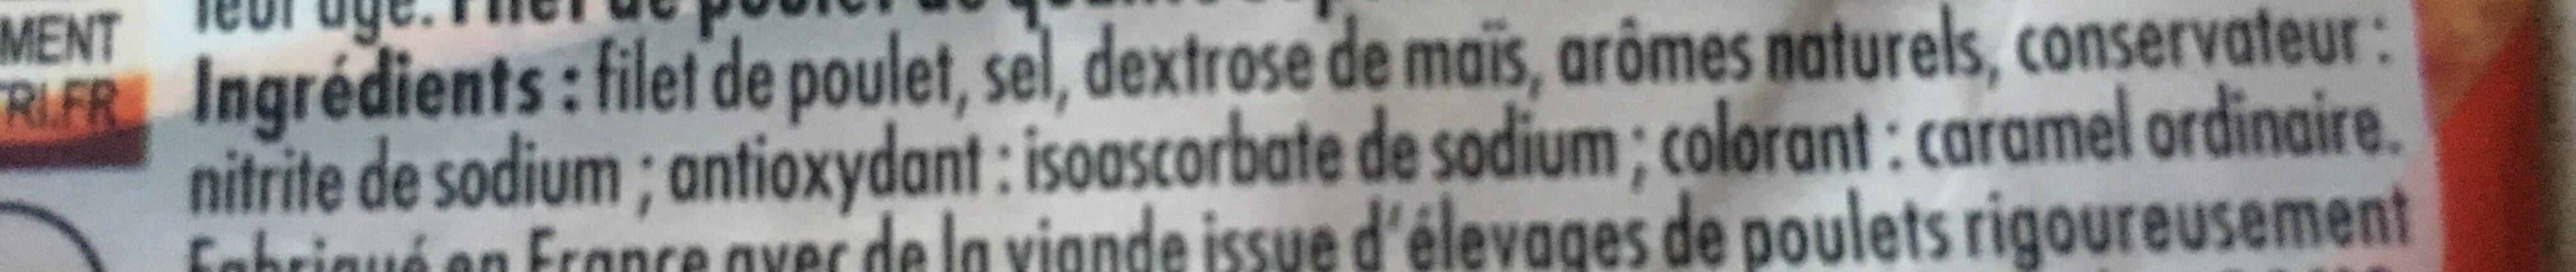 Le Bon Poulet Filet Nature (4 tranches) - Ingredients